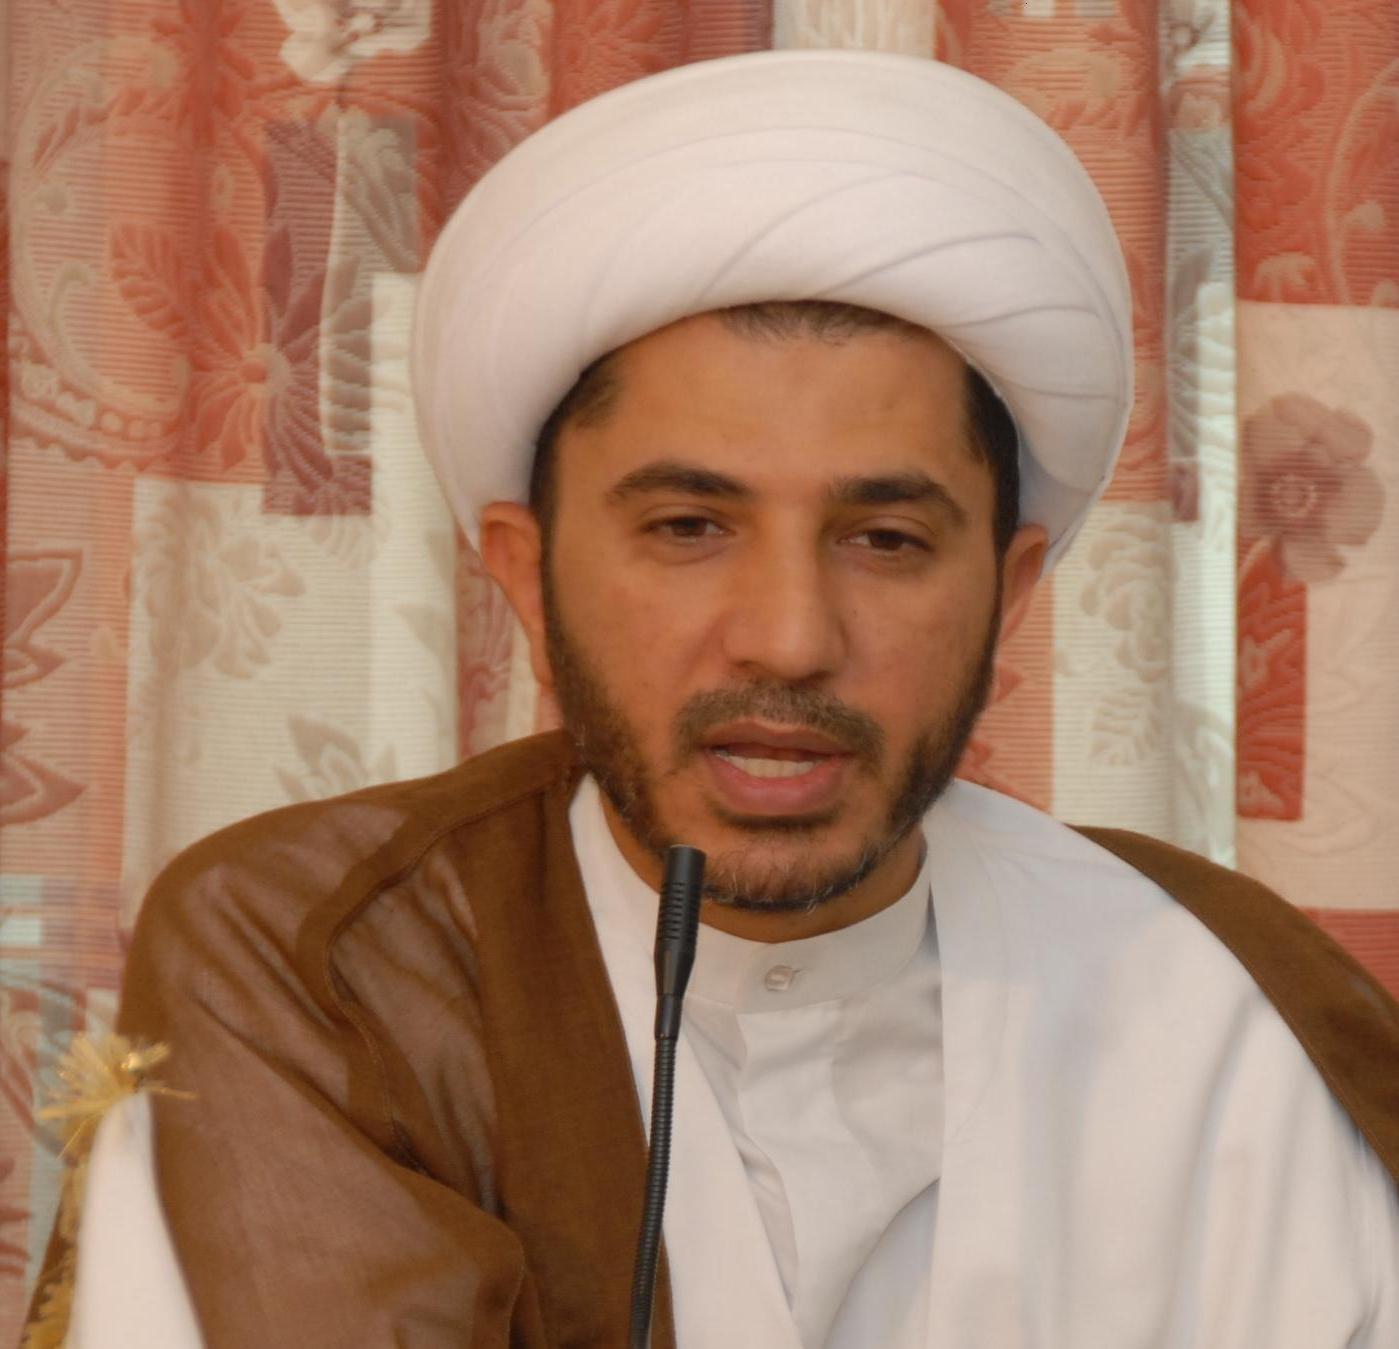 الحكم بالسجن ٤سنوات على زعيم المعارضة الشيعية بالبحرين